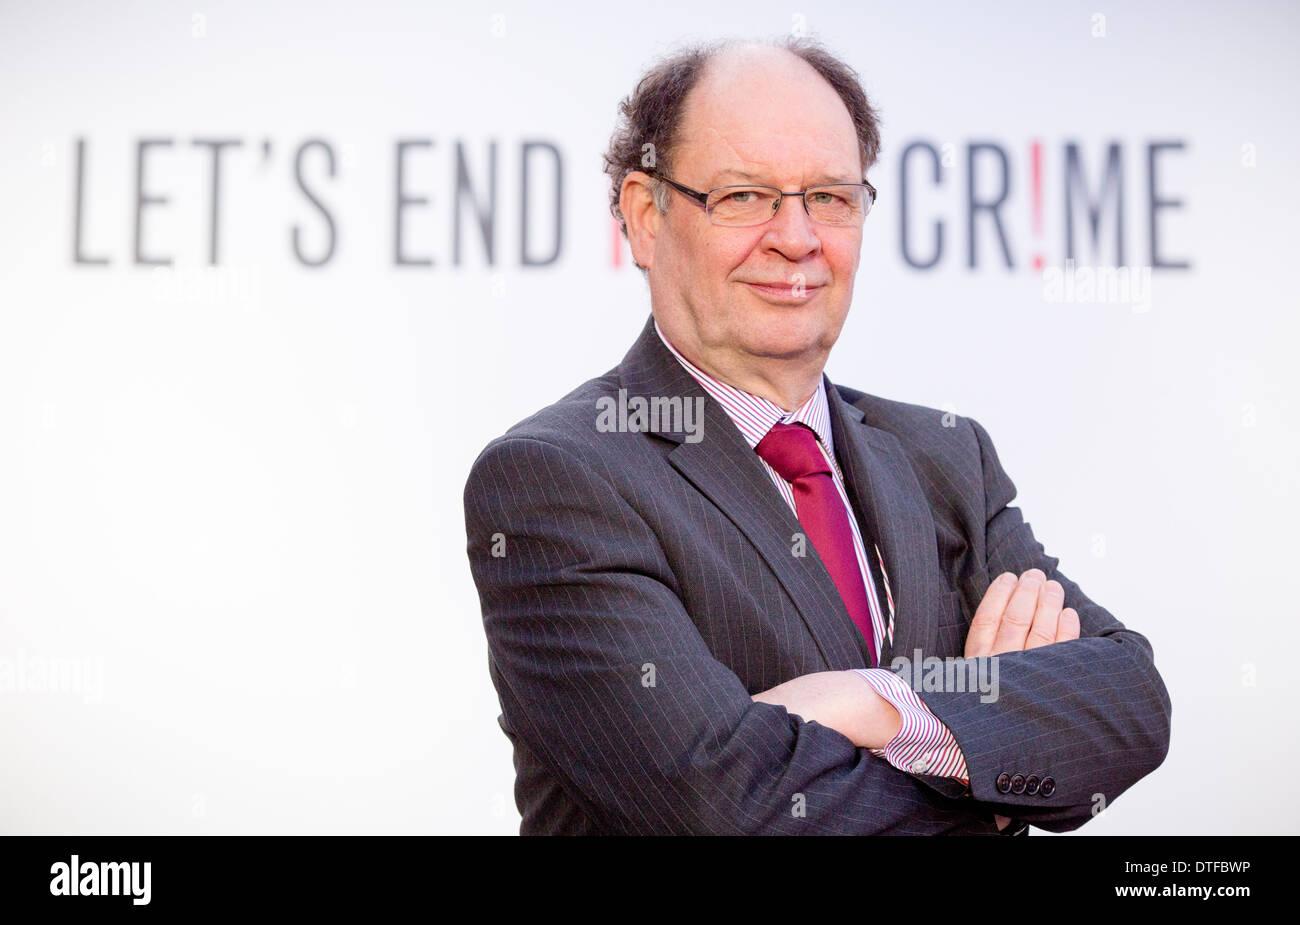 Manchester antimperialismo strategia a Manchester Town Hall Cllr Jim battaglia Immagini Stock